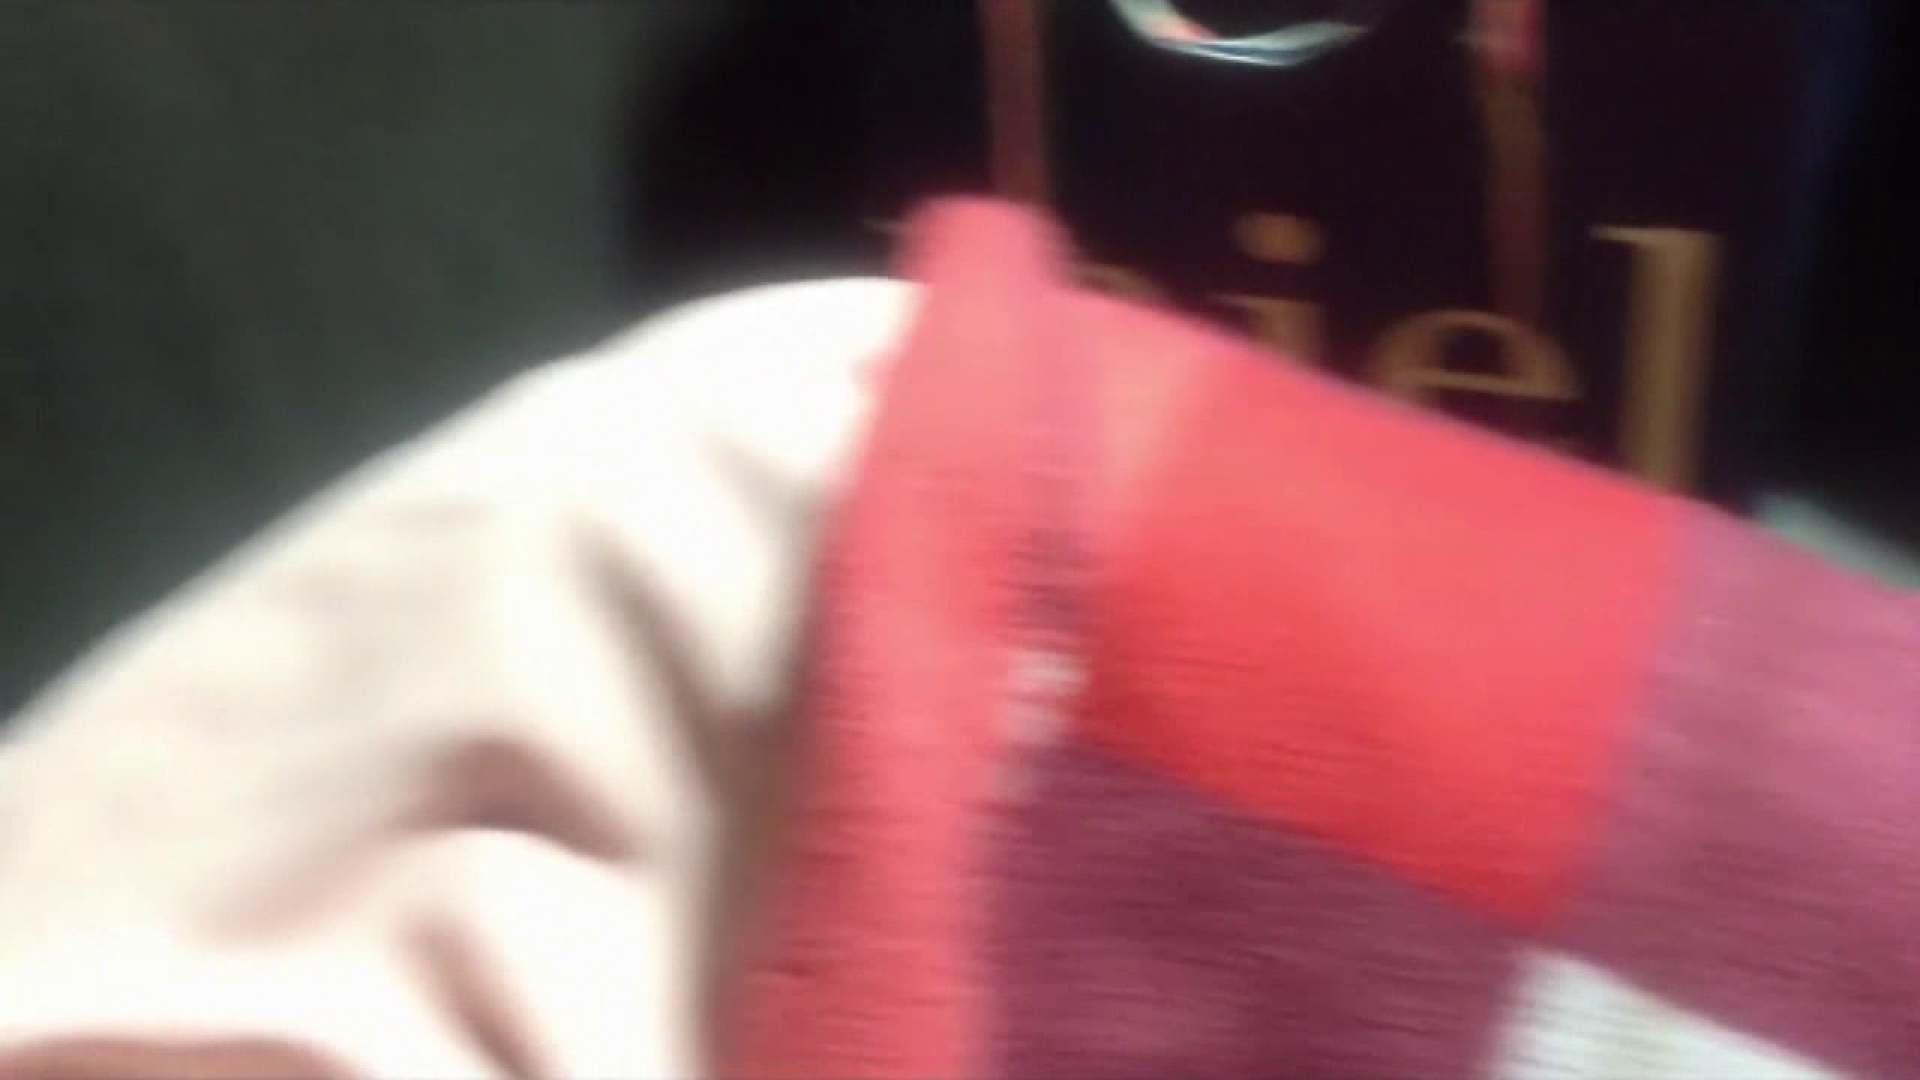 vol.16 【SNちゃん】某有名雑誌現役読者モデル お上品だけど天然 知人達のヌード   キャバ嬢達のヌード  94連発 68